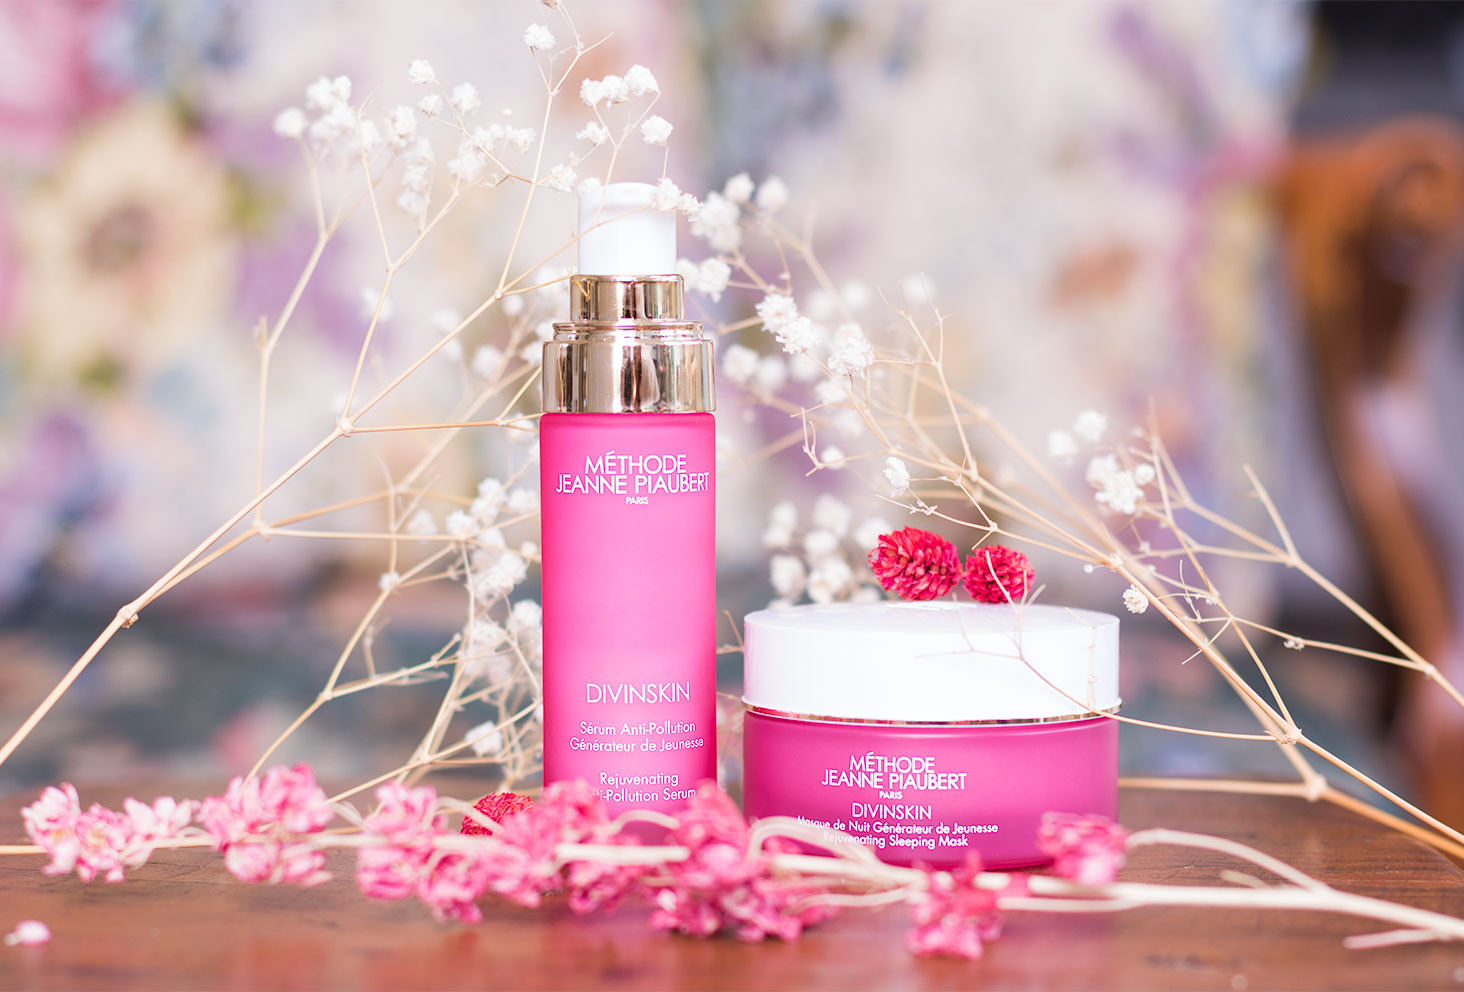 Le sérum anti-pollution et le masque de nuit de la Méthode Jeanne Piaubert sur un table en bois au milieu des fleurs séchées roses et blanches